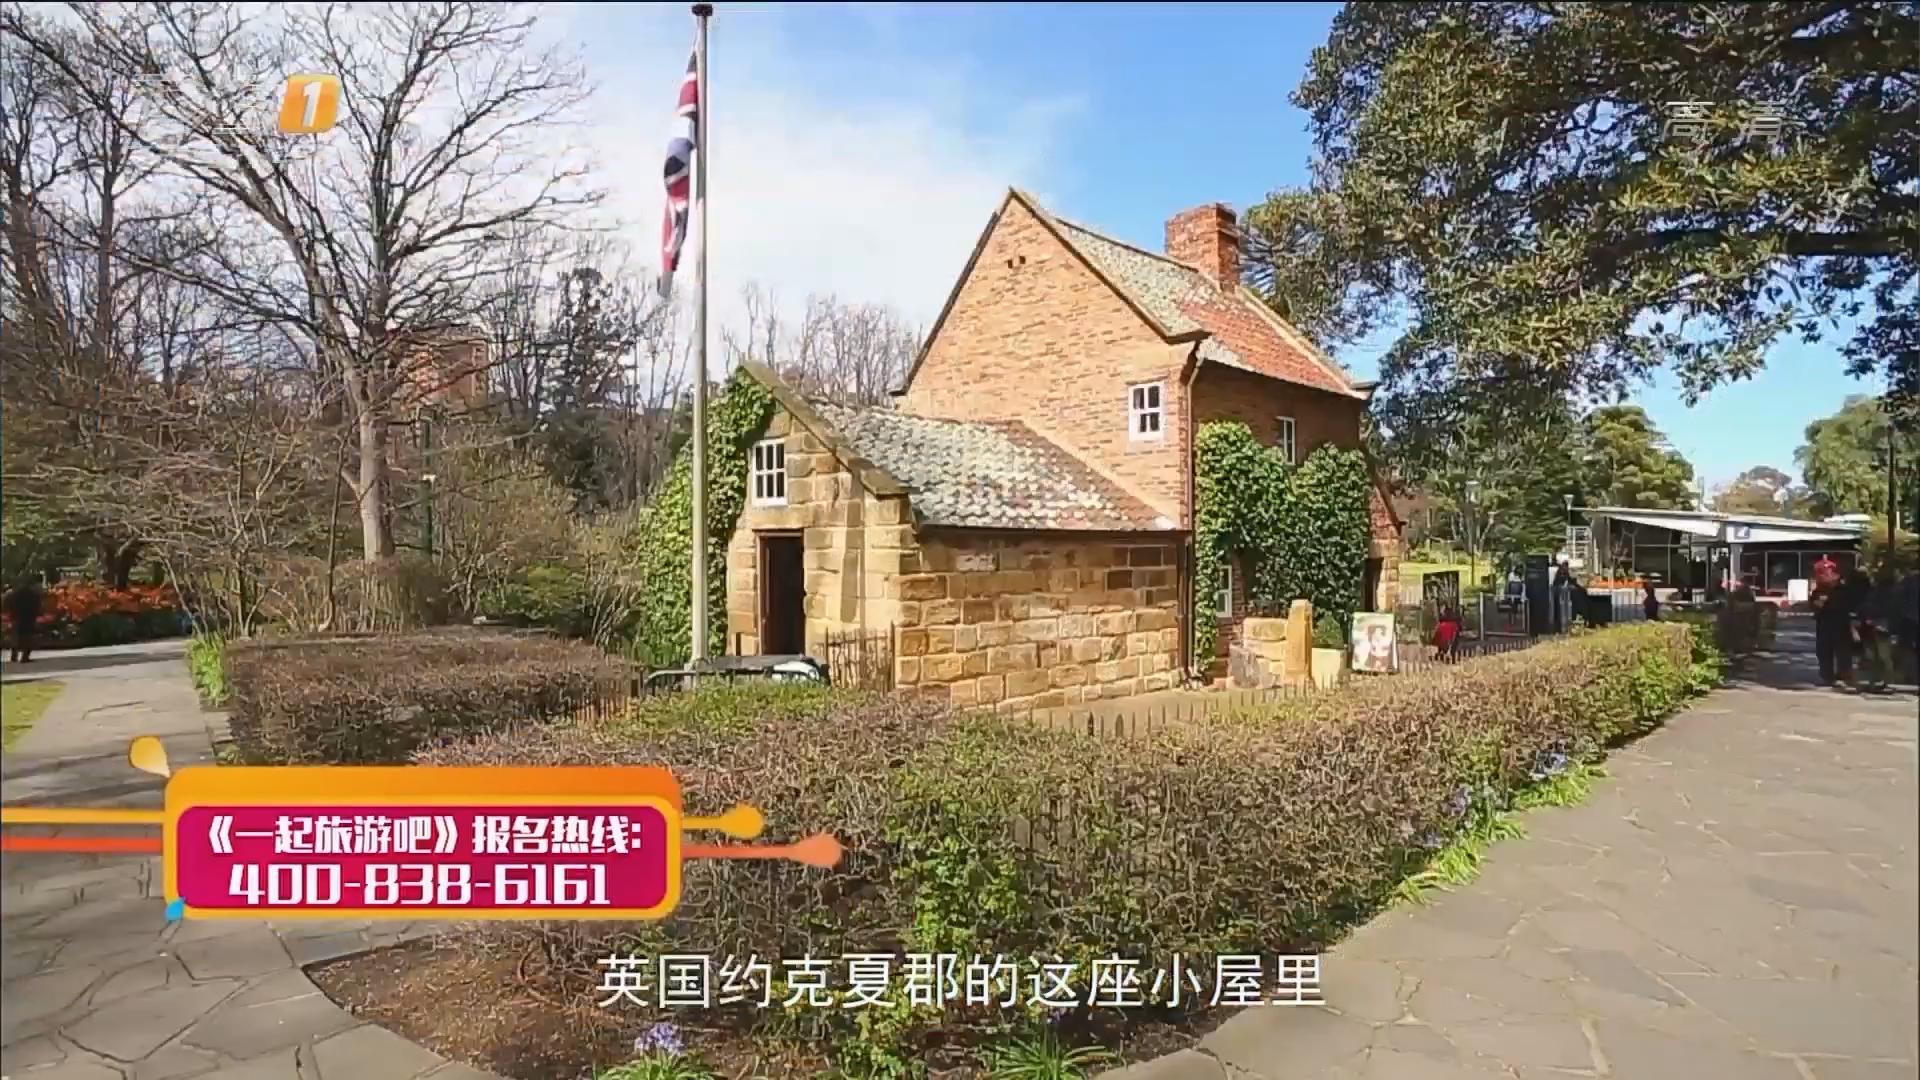 澳大利亚——库克船长的小屋